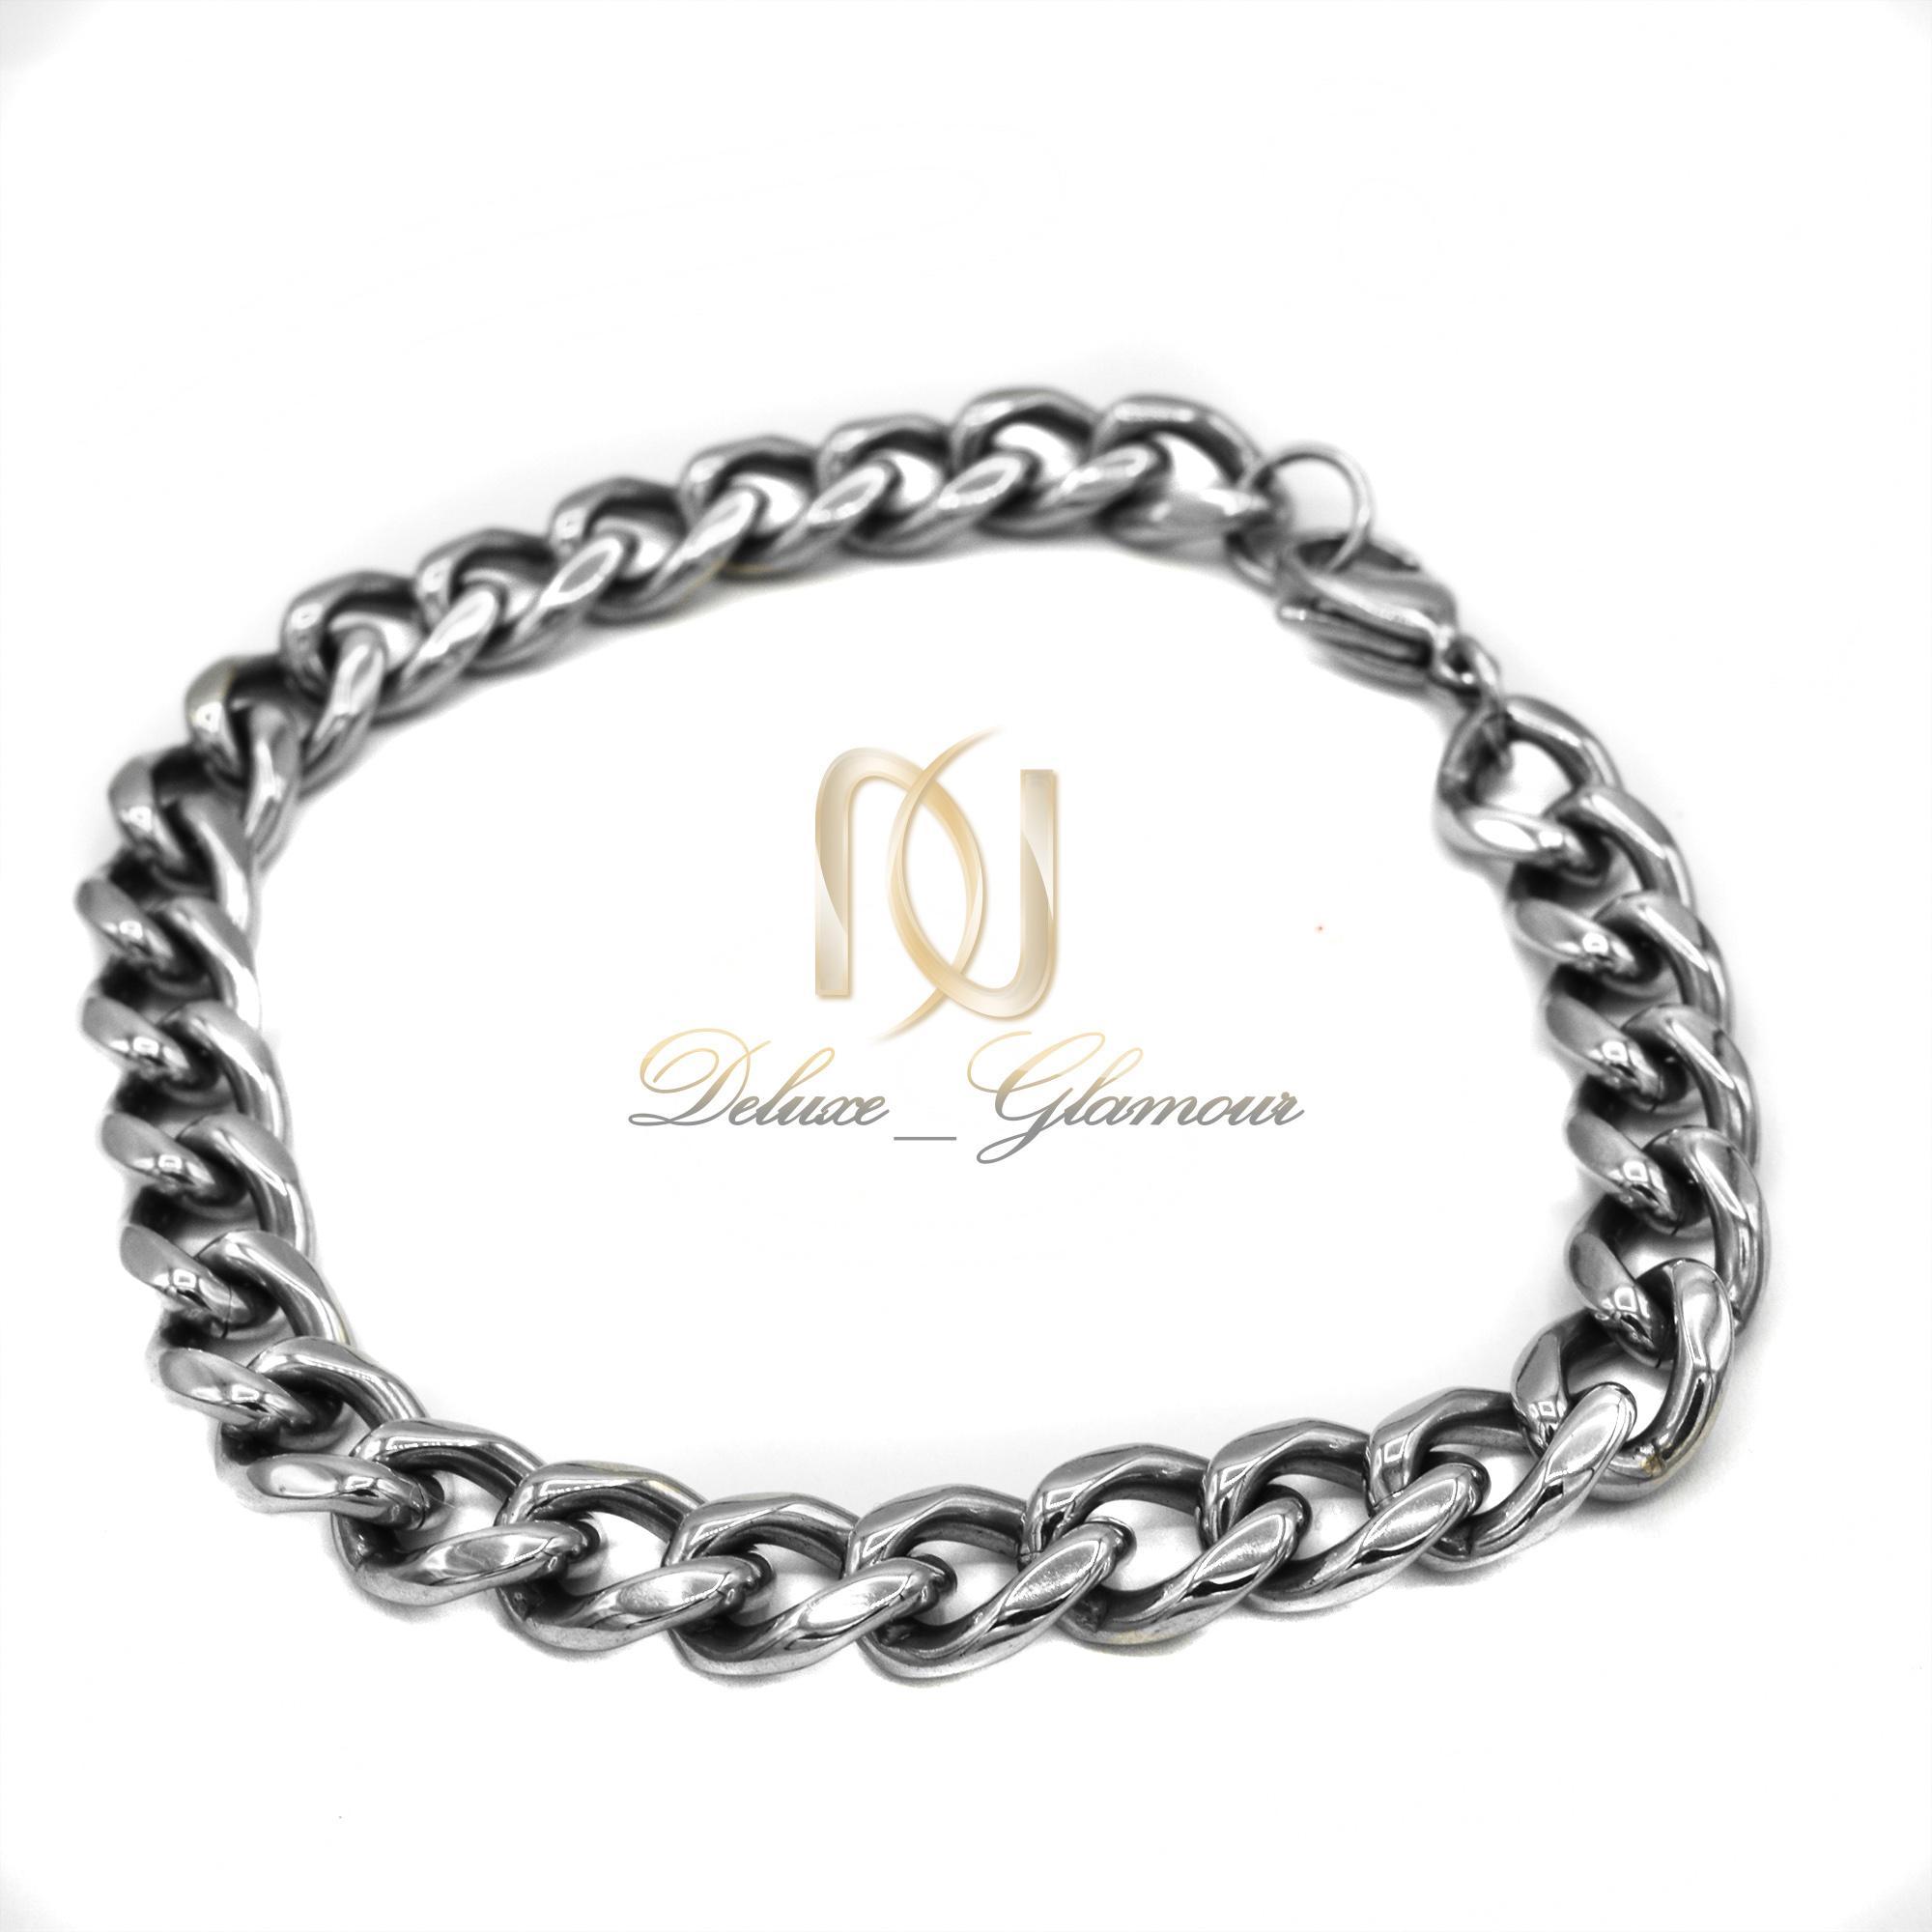 دستبند مردانه استیل نقره ای طرح زنجیری ds-n422 از نمای سفید